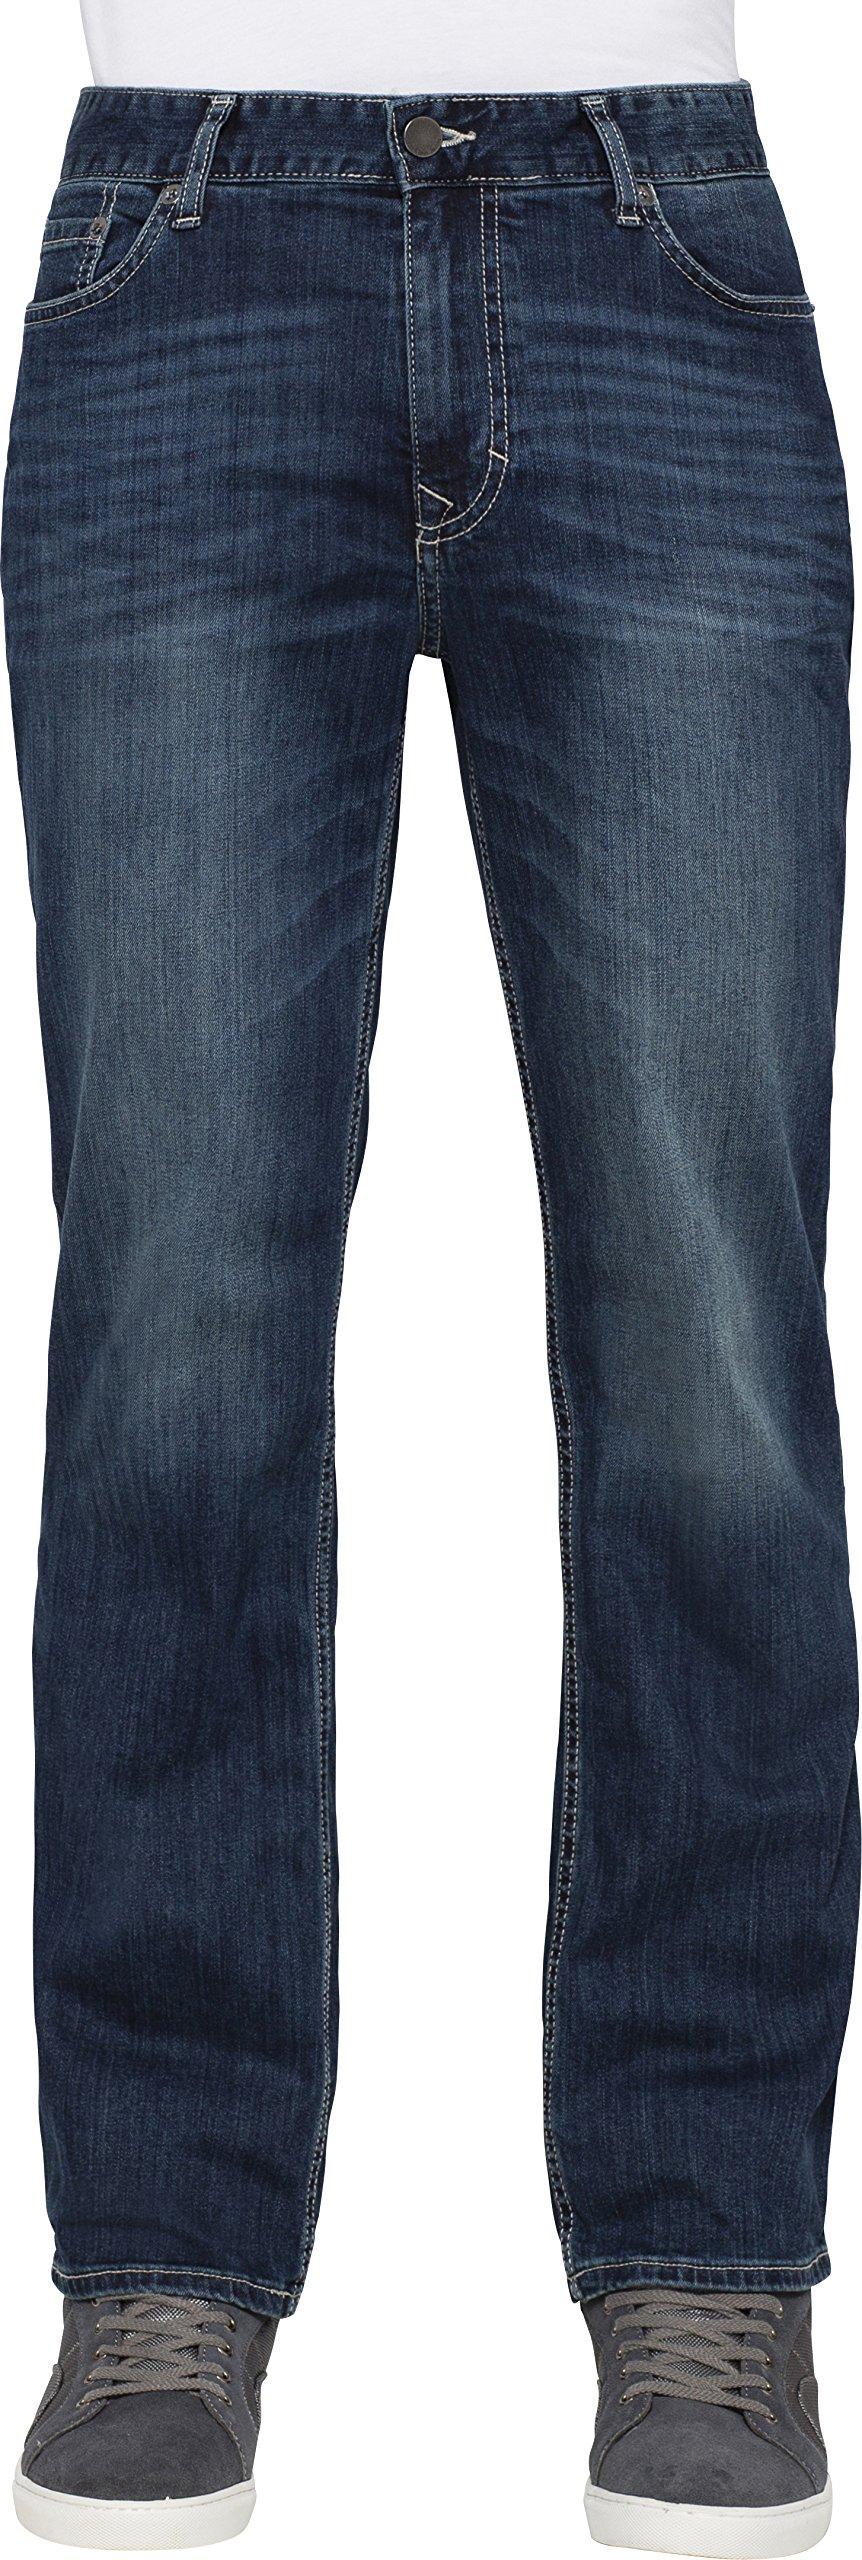 Calvin Klein Jeans Men's Straight Leg Jean In Authentic Blue, Authentic Blue, 32x30